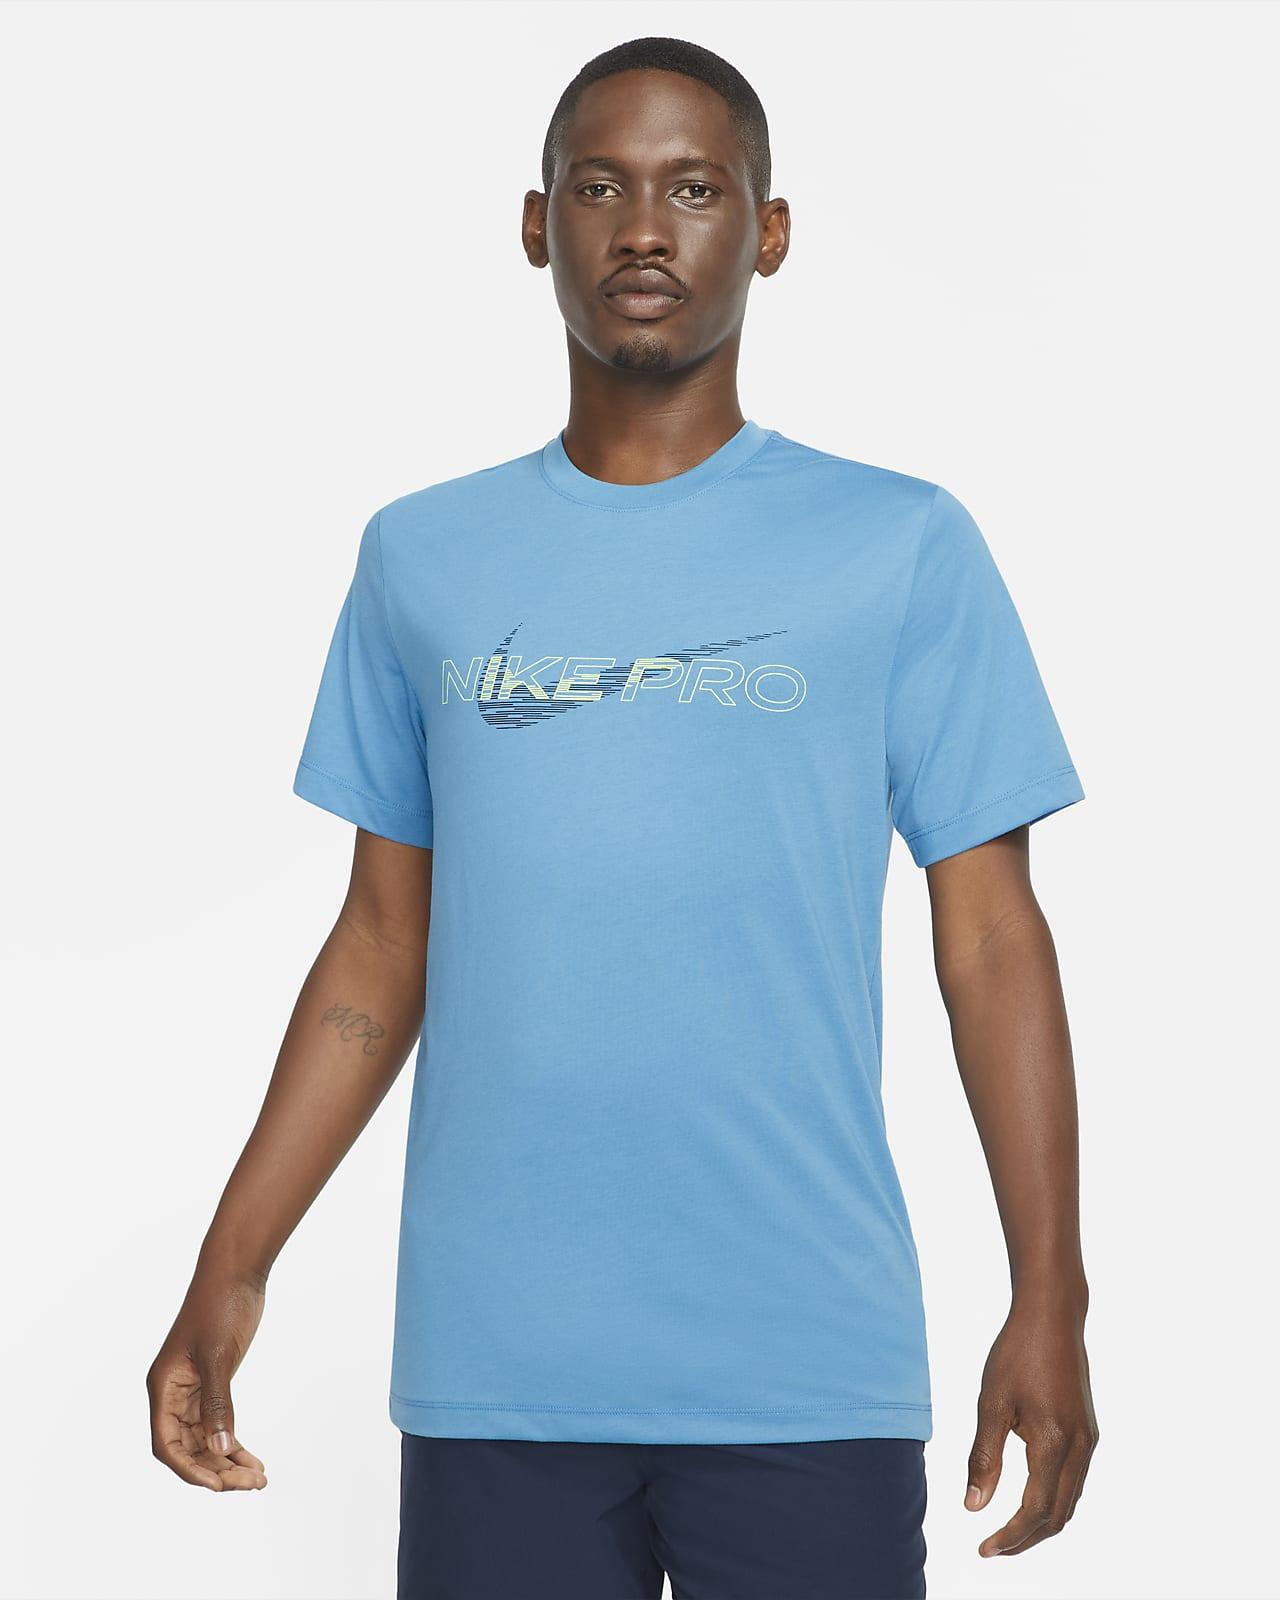 Nike Pro Dri-FIT Grafikli Erkek Tişörtü